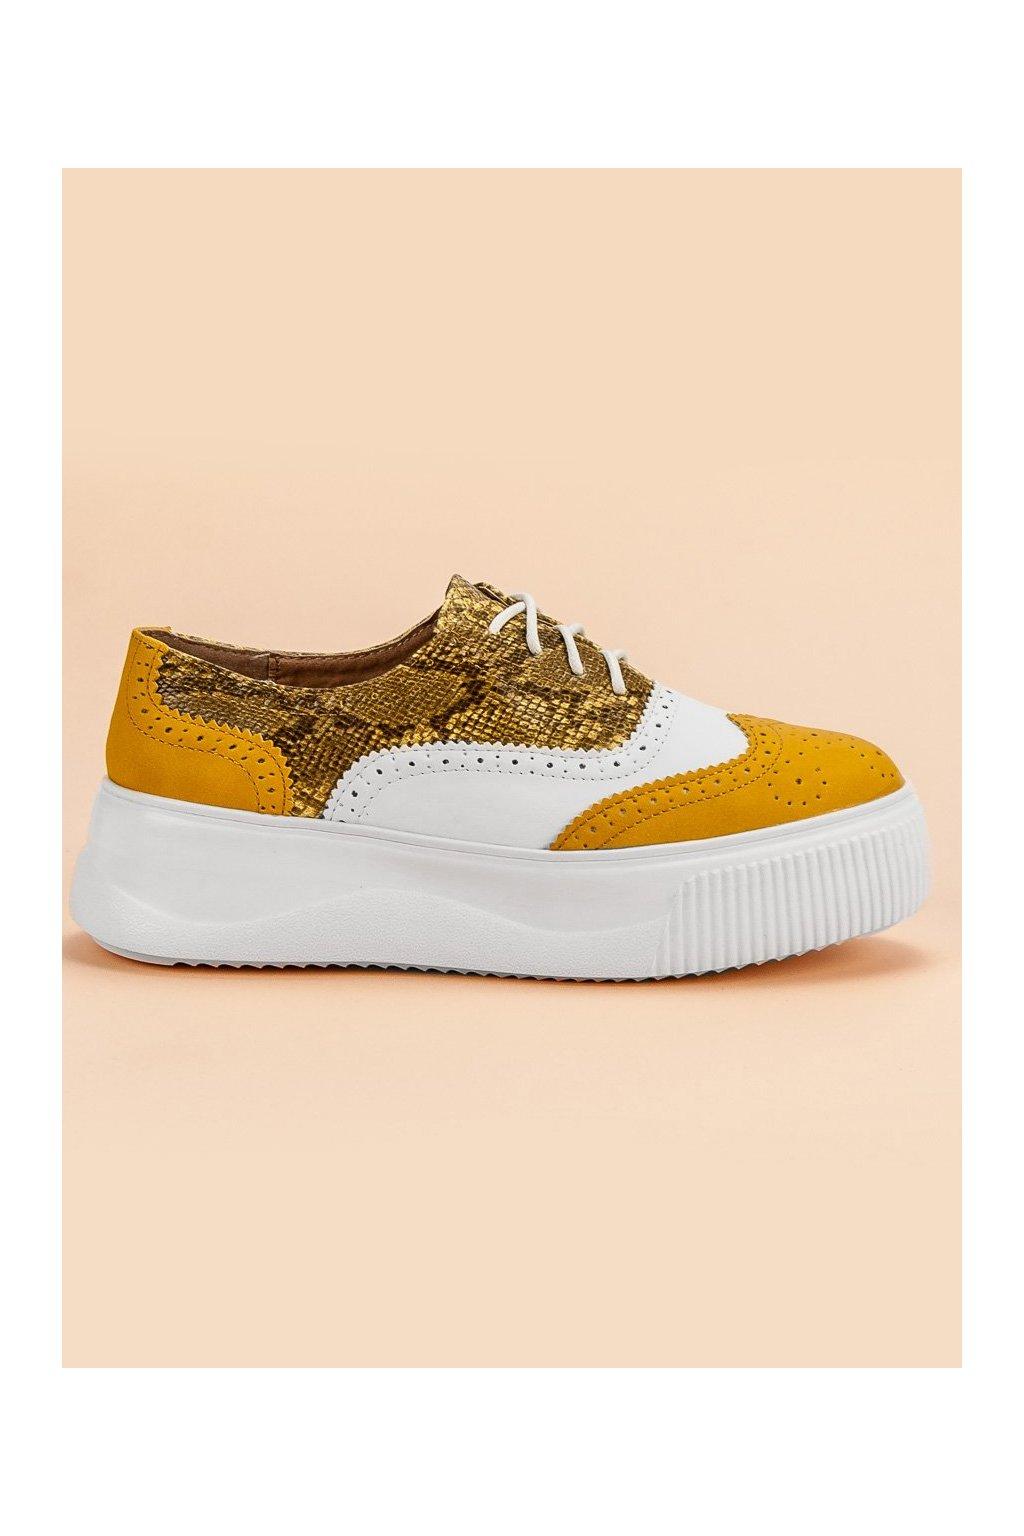 Módne žlté poltopánky fashion Vices